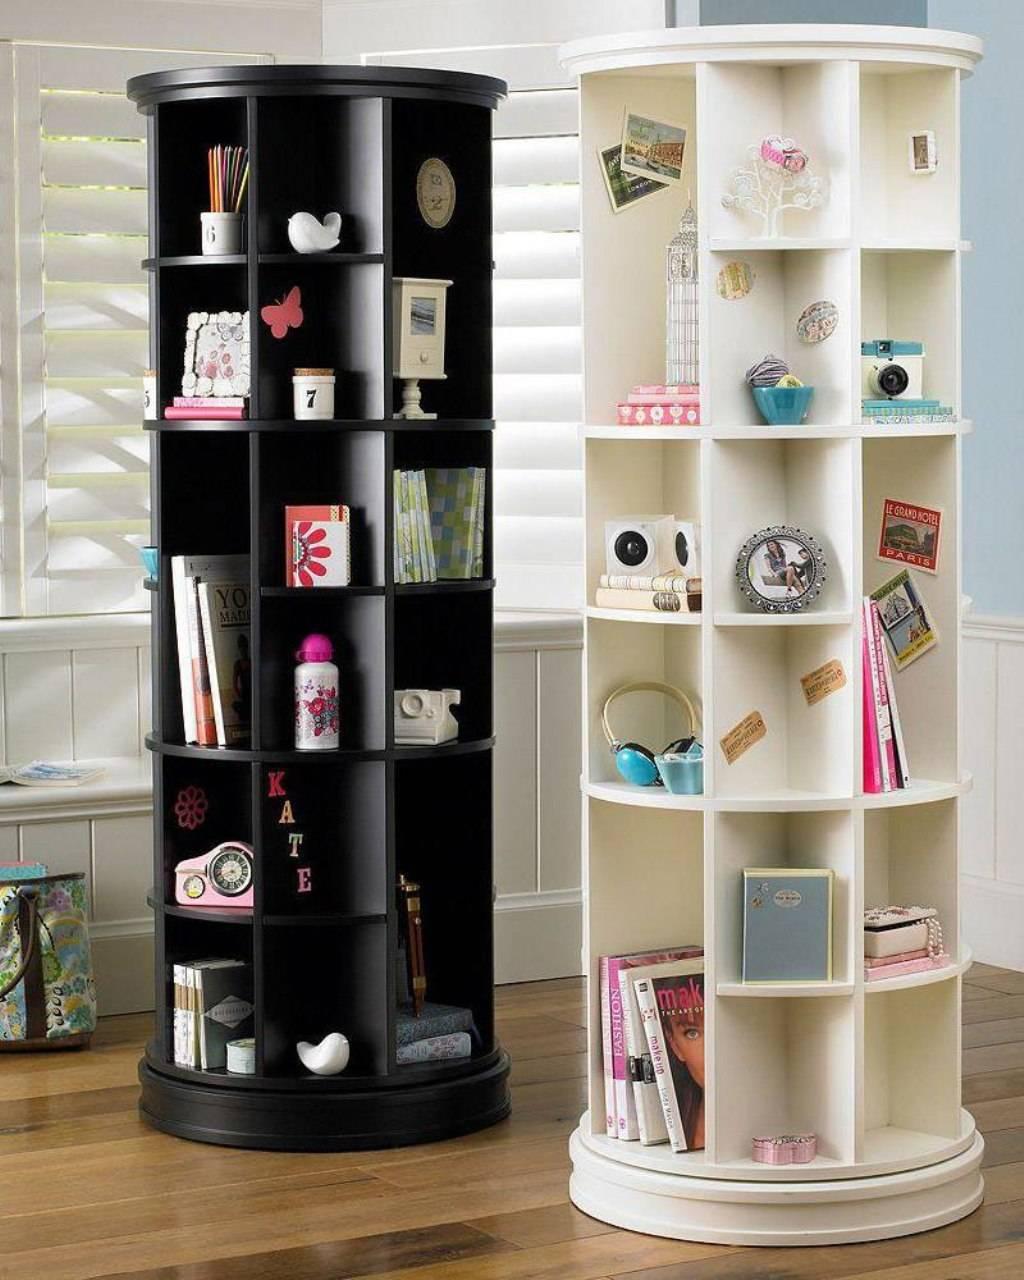 Стеллаж деревянный: современные конструкции хранилища для книг (115 фото)